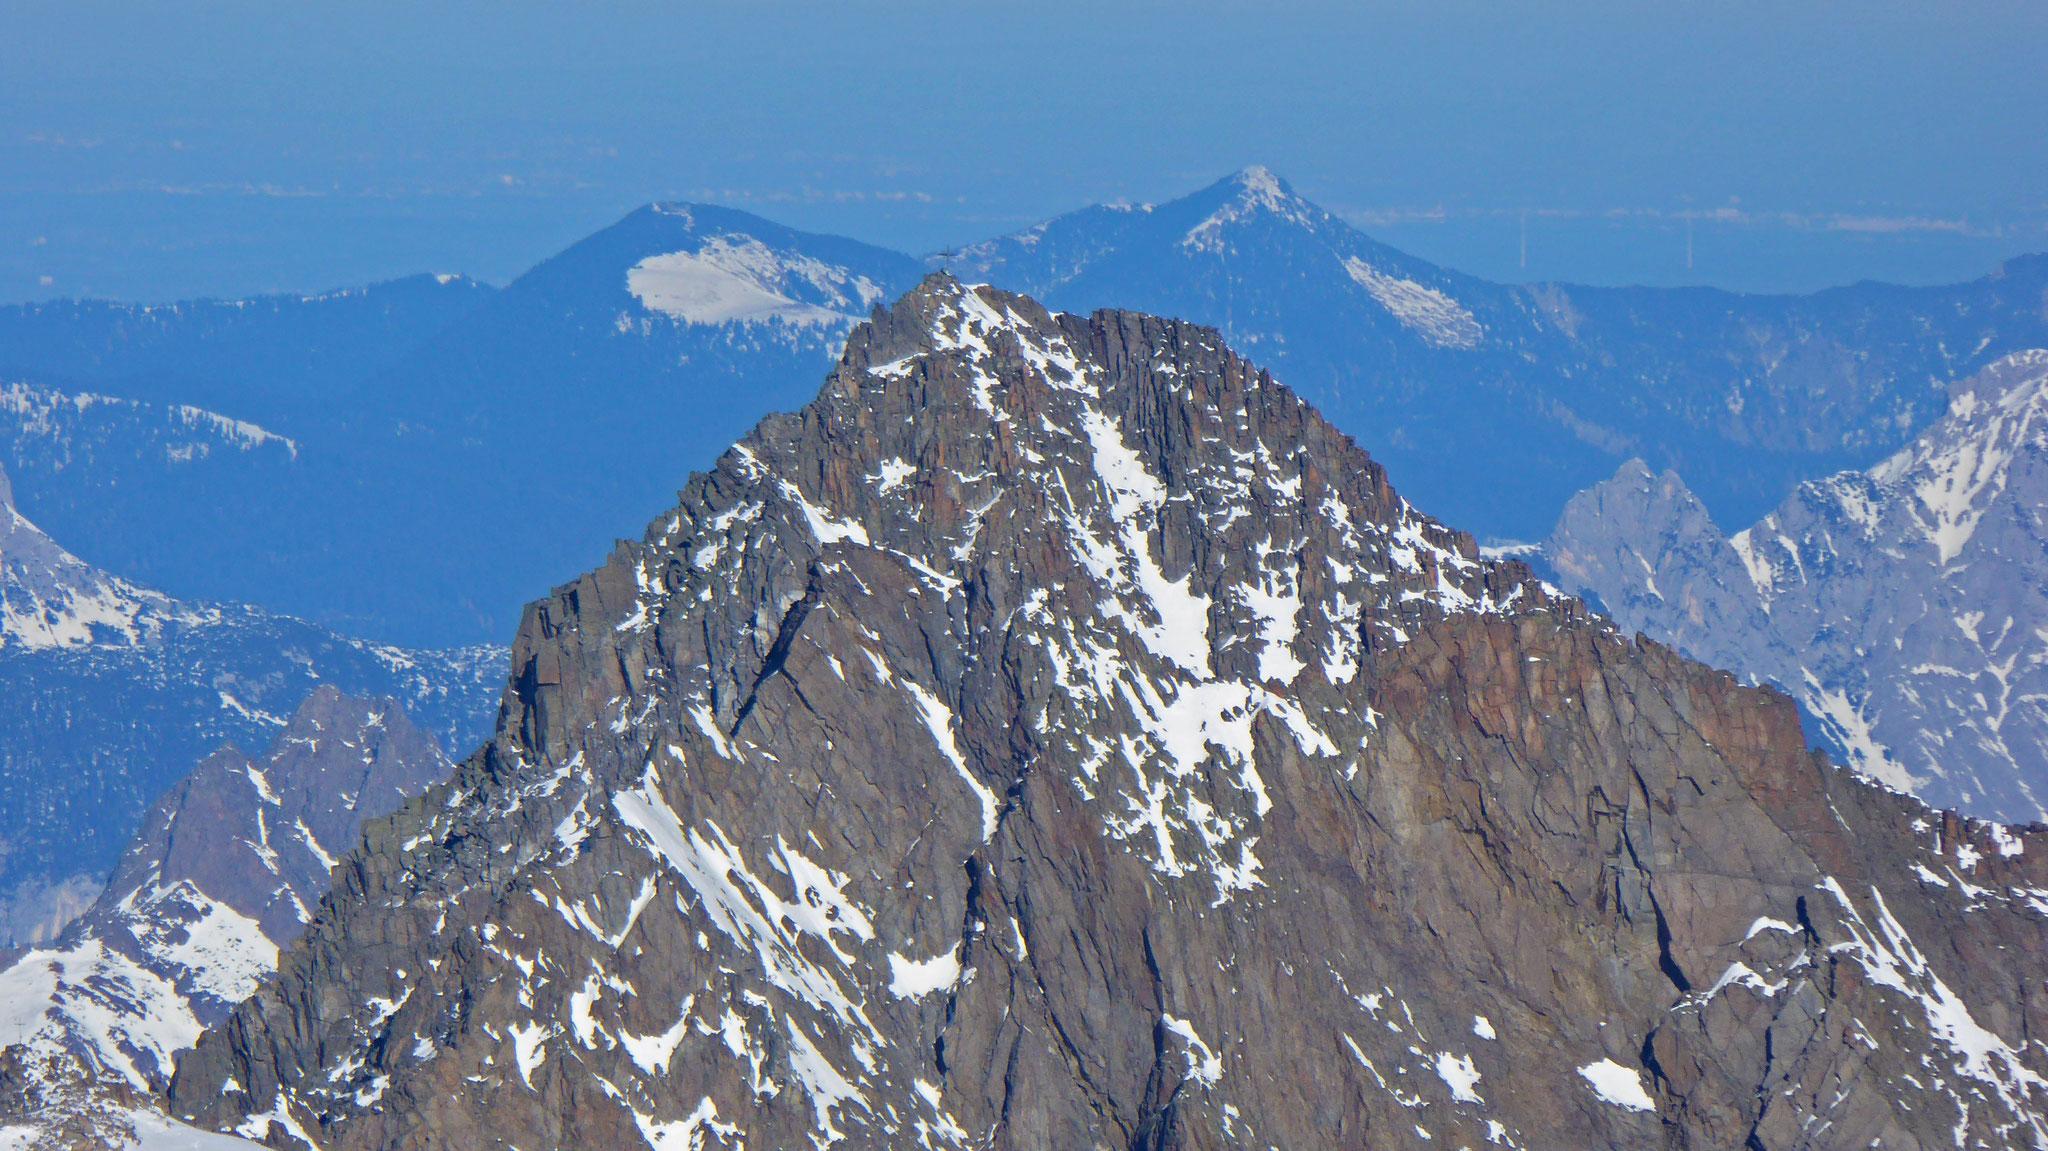 Fernerkogel Gipfel, flankiert am Horizont von Simetsberg und Heimgarten